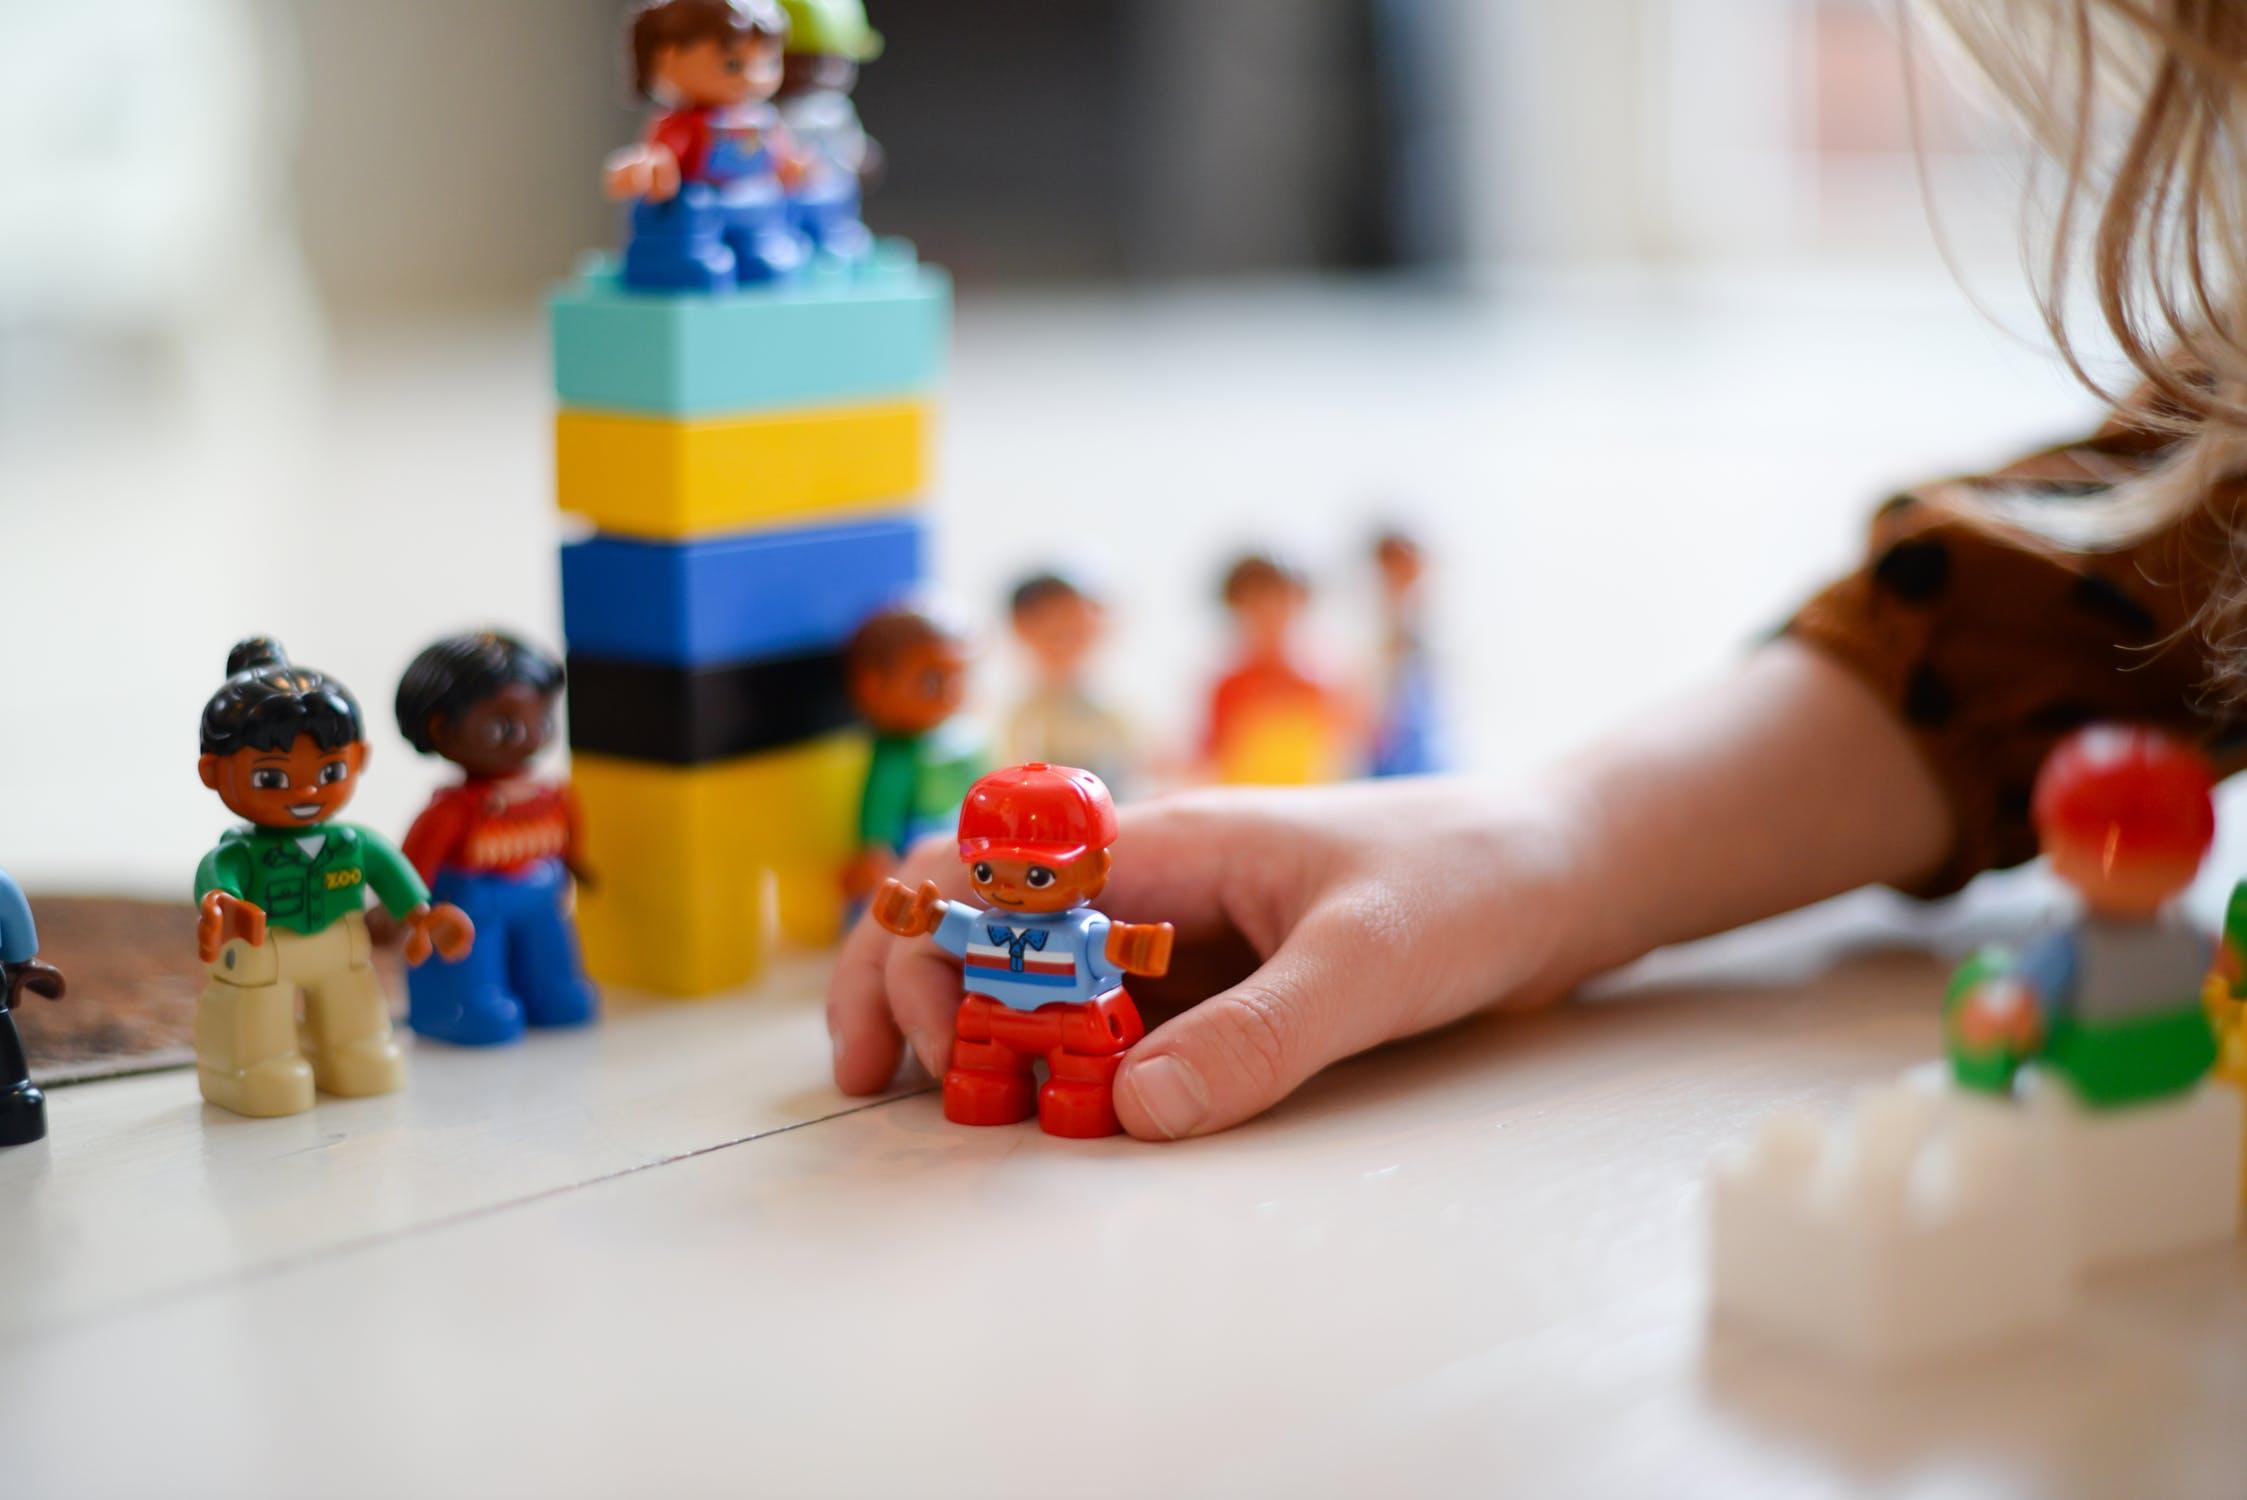 適合0-3歲寶寶玩的遊戲及玩具